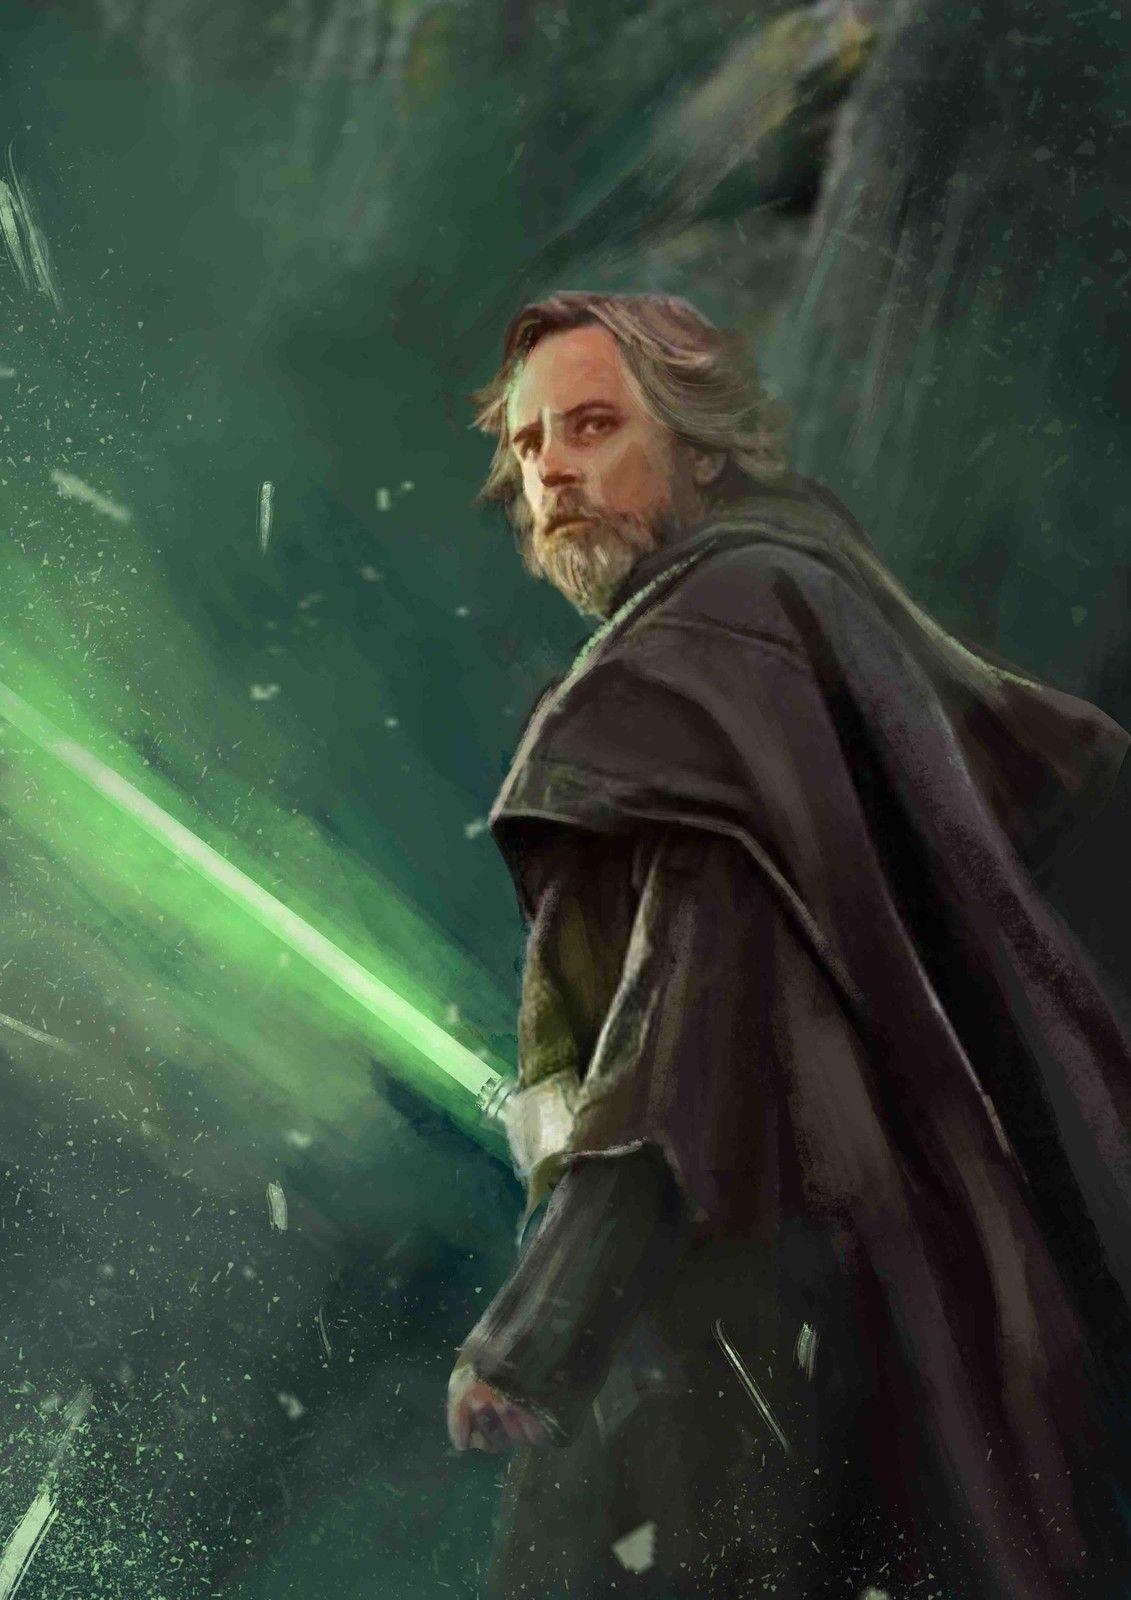 Luke Skywalker The Last Jedi Alifka Hammam Nugroho On ArtStation At Artstation Artwork YlvqP